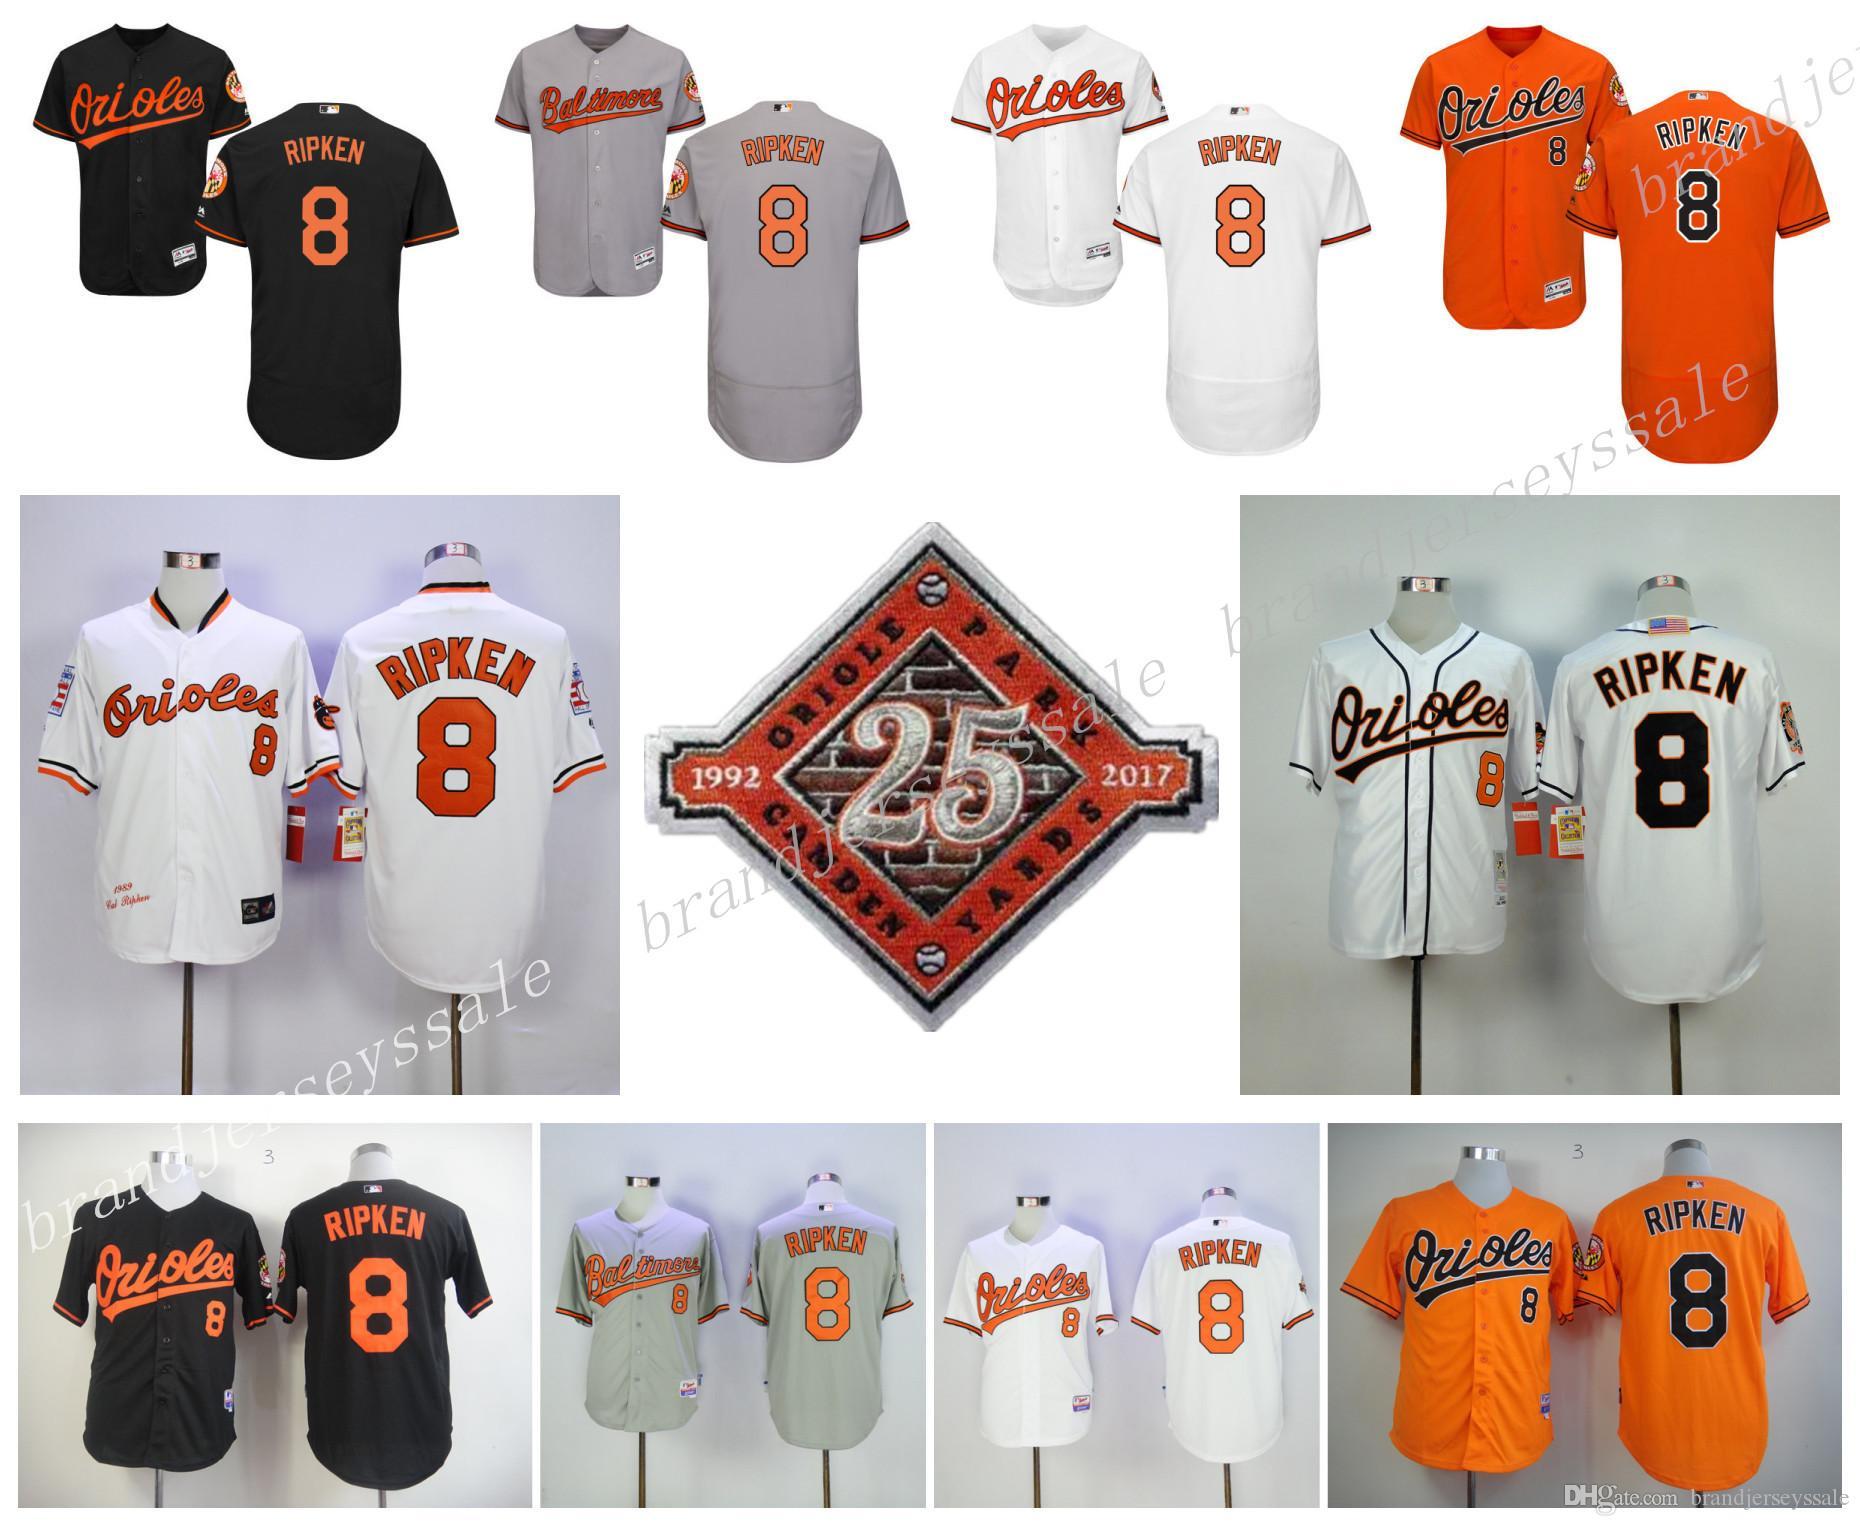 8d84d859d ... ebay 2017 mens baltimore orioles 8 cal ripken jr jerseys majestic  orange white balck gray cream